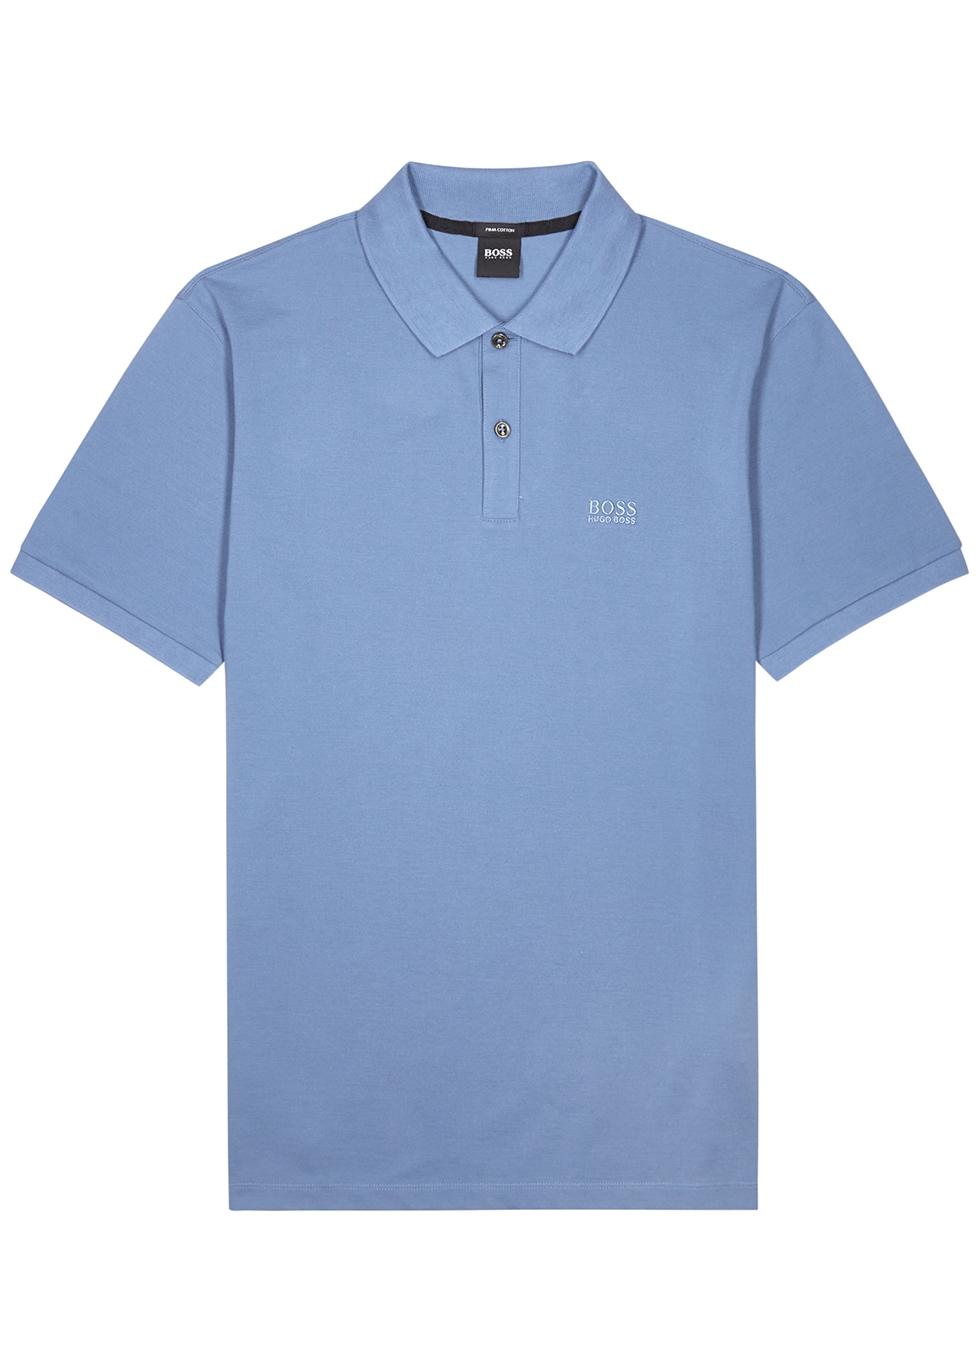 Pallas blue piqué cotton polo shirt